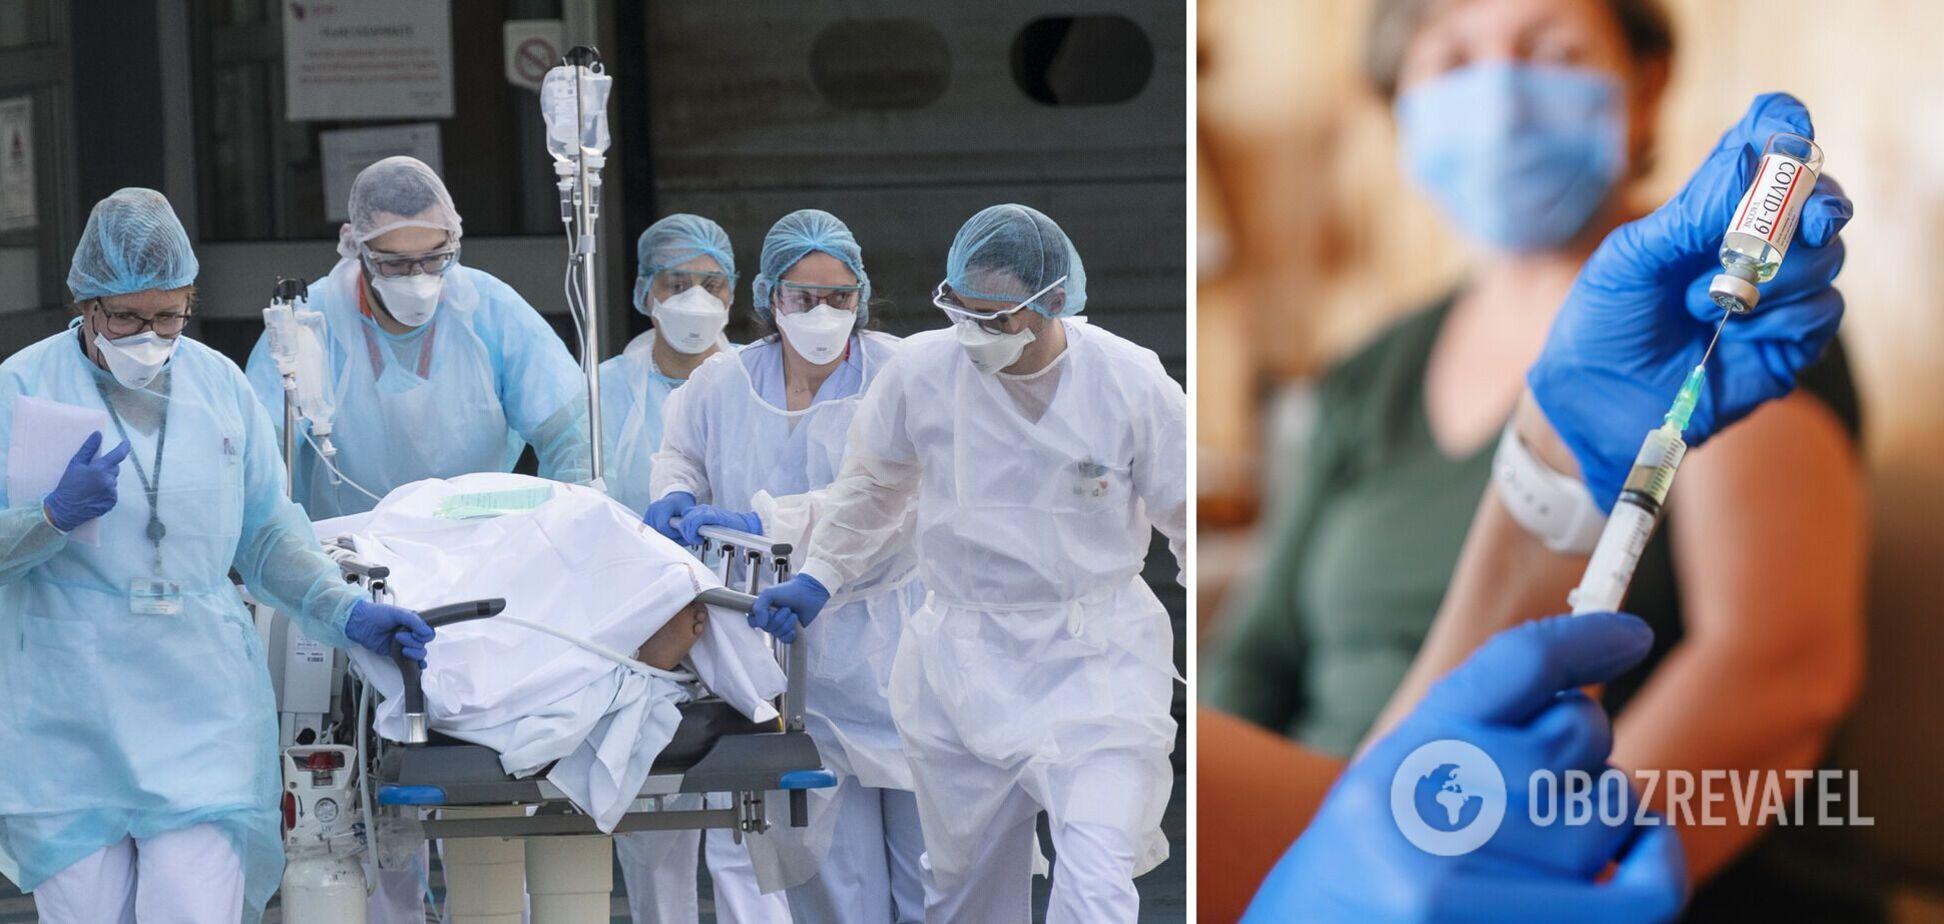 У реанімаціях вмирають невакциновані пацієнти, сказав лікар